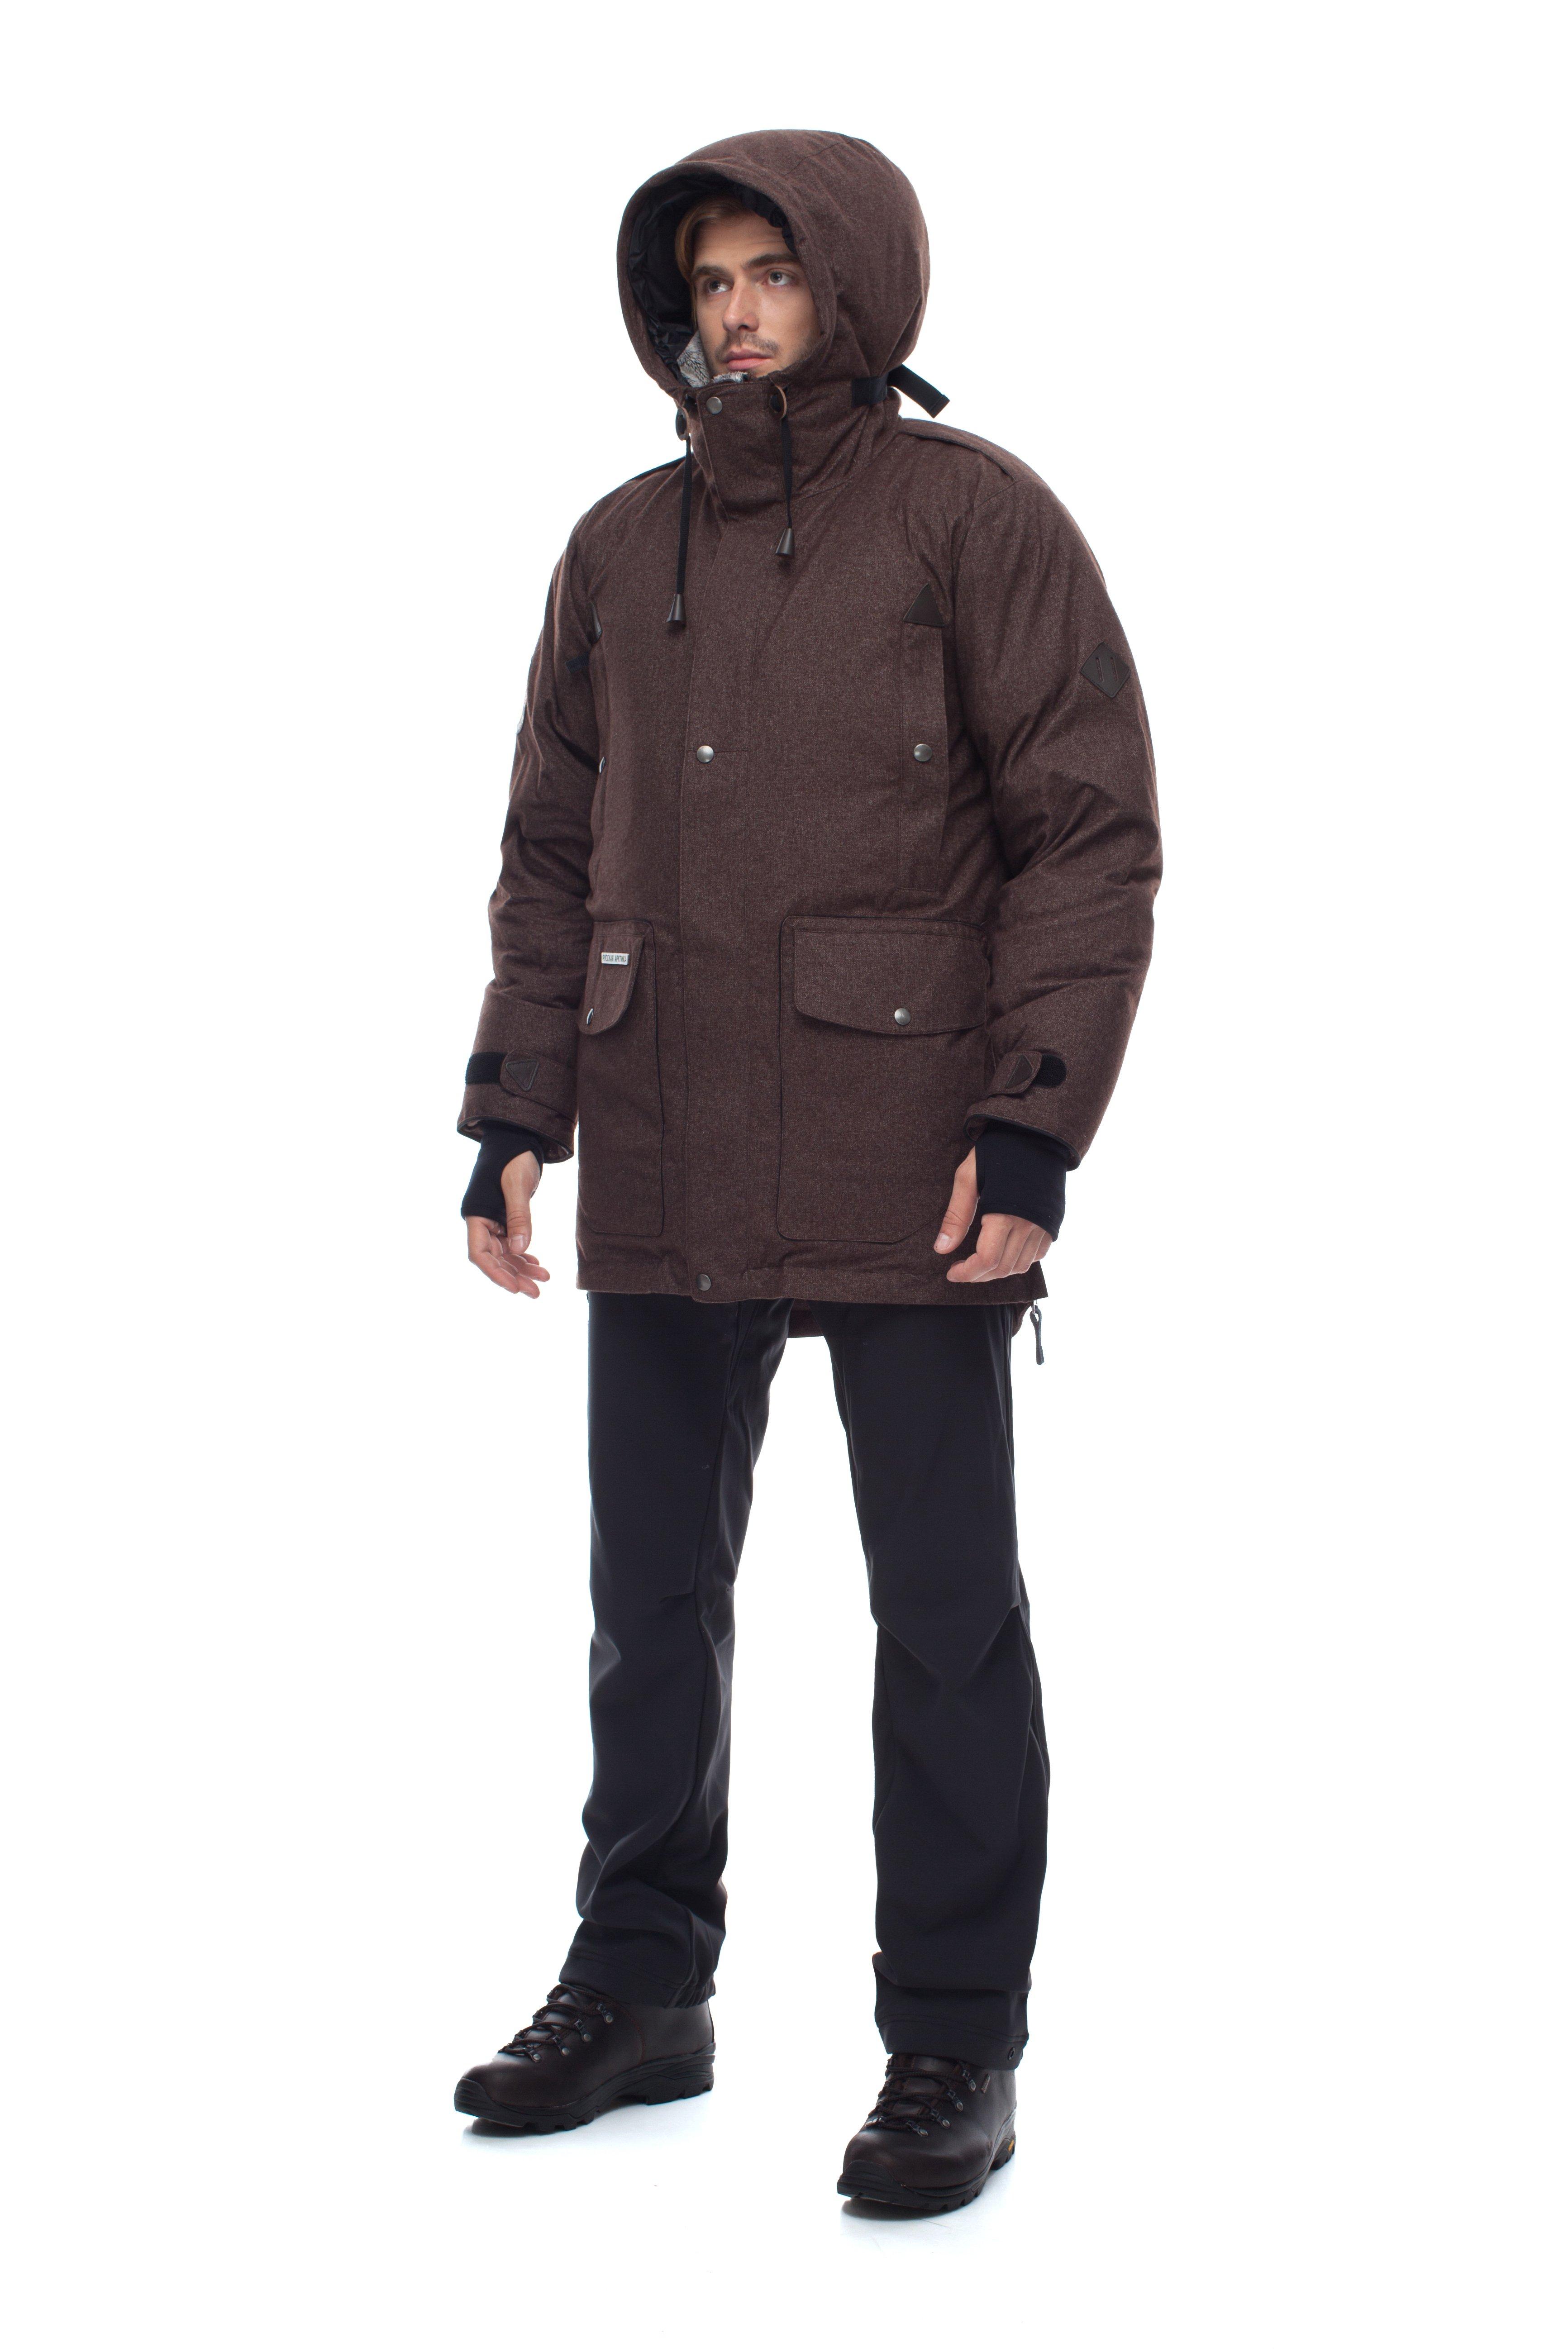 Куртка BASK YENISEY SOFT 1473AКуртки<br><br><br>&quot;Дышащие&quot; свойства: Да<br>Верхняя ткань: Advance® Alaska Melange<br>Вес граммы: 1650<br>Вес утеплителя: 400<br>Ветро-влагозащитные свойства верхней ткани: Да<br>Ветрозащитная планка: Да<br>Ветрозащитная юбка: Нет<br>Влагозащитные молнии: Нет<br>Внутренние манжеты: Да<br>Внутренняя ткань: Advance® Classic<br>Водонепроницаемость: 5000<br>Дублирующий центральную молнию клапан: Да<br>Защитный козырёк капюшона: Нет<br>Капюшон: Несъемный<br>Карман для средств связи: Нет<br>Количество внешних карманов: 8<br>Количество внутренних карманов: 2<br>Коллекция: Pole to Pole<br>Мембрана: Да<br>Объемный крой локтевой зоны: Нет<br>Отстёгивающиеся рукава: Нет<br>Паропроницаемость: 5000<br>Пол: Мужской<br>Проклейка швов: Нет<br>Регулировка манжетов рукавов: Да<br>Регулировка низа: Нет<br>Регулировка объёма капюшона: Да<br>Регулировка талии: Да<br>Регулируемые вентиляционные отверстия: Нет<br>Световозвращающая лента: Нет<br>Температурный режим: -35<br>Технология Thermal Welding: Нет<br>Технология швов: Простые<br>Тип молнии: Двухзамковая<br>Тип утеплителя: Синтетический<br>Ткань усиления: Нет<br>Усиление контактных зон: Нет<br>Утеплитель: Shelter®Sport<br>Размер RU: 42<br>Цвет: ЧЕРНЫЙ